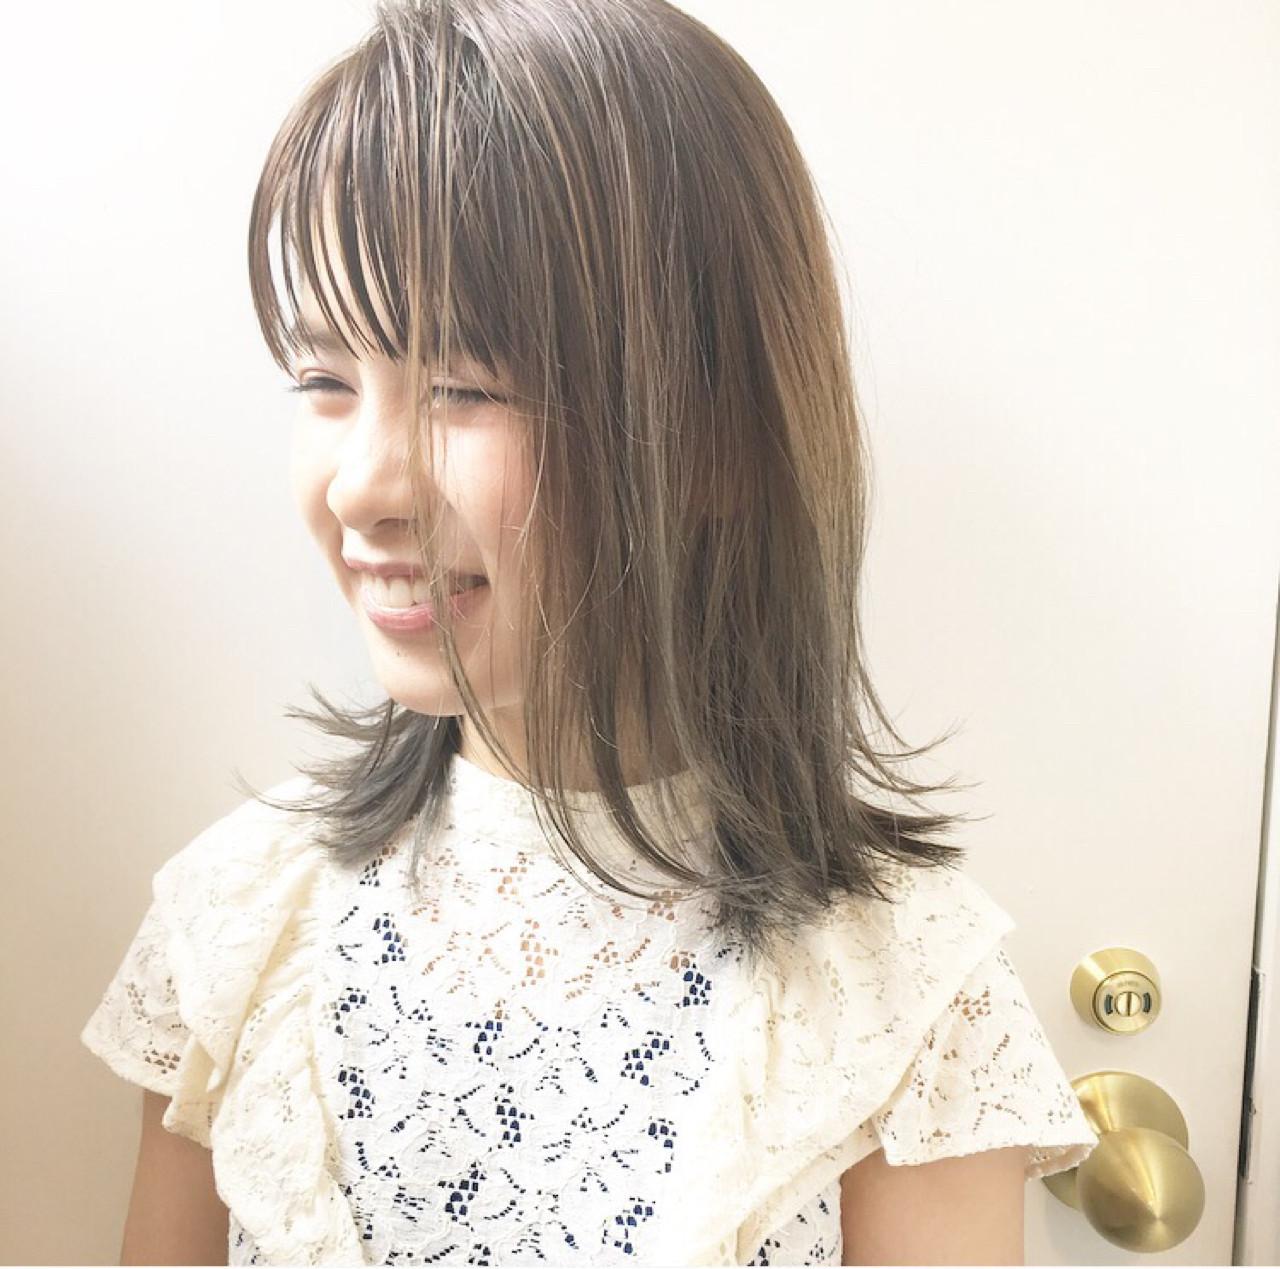 ブラントBOB × ミントアッシュグラデ☆